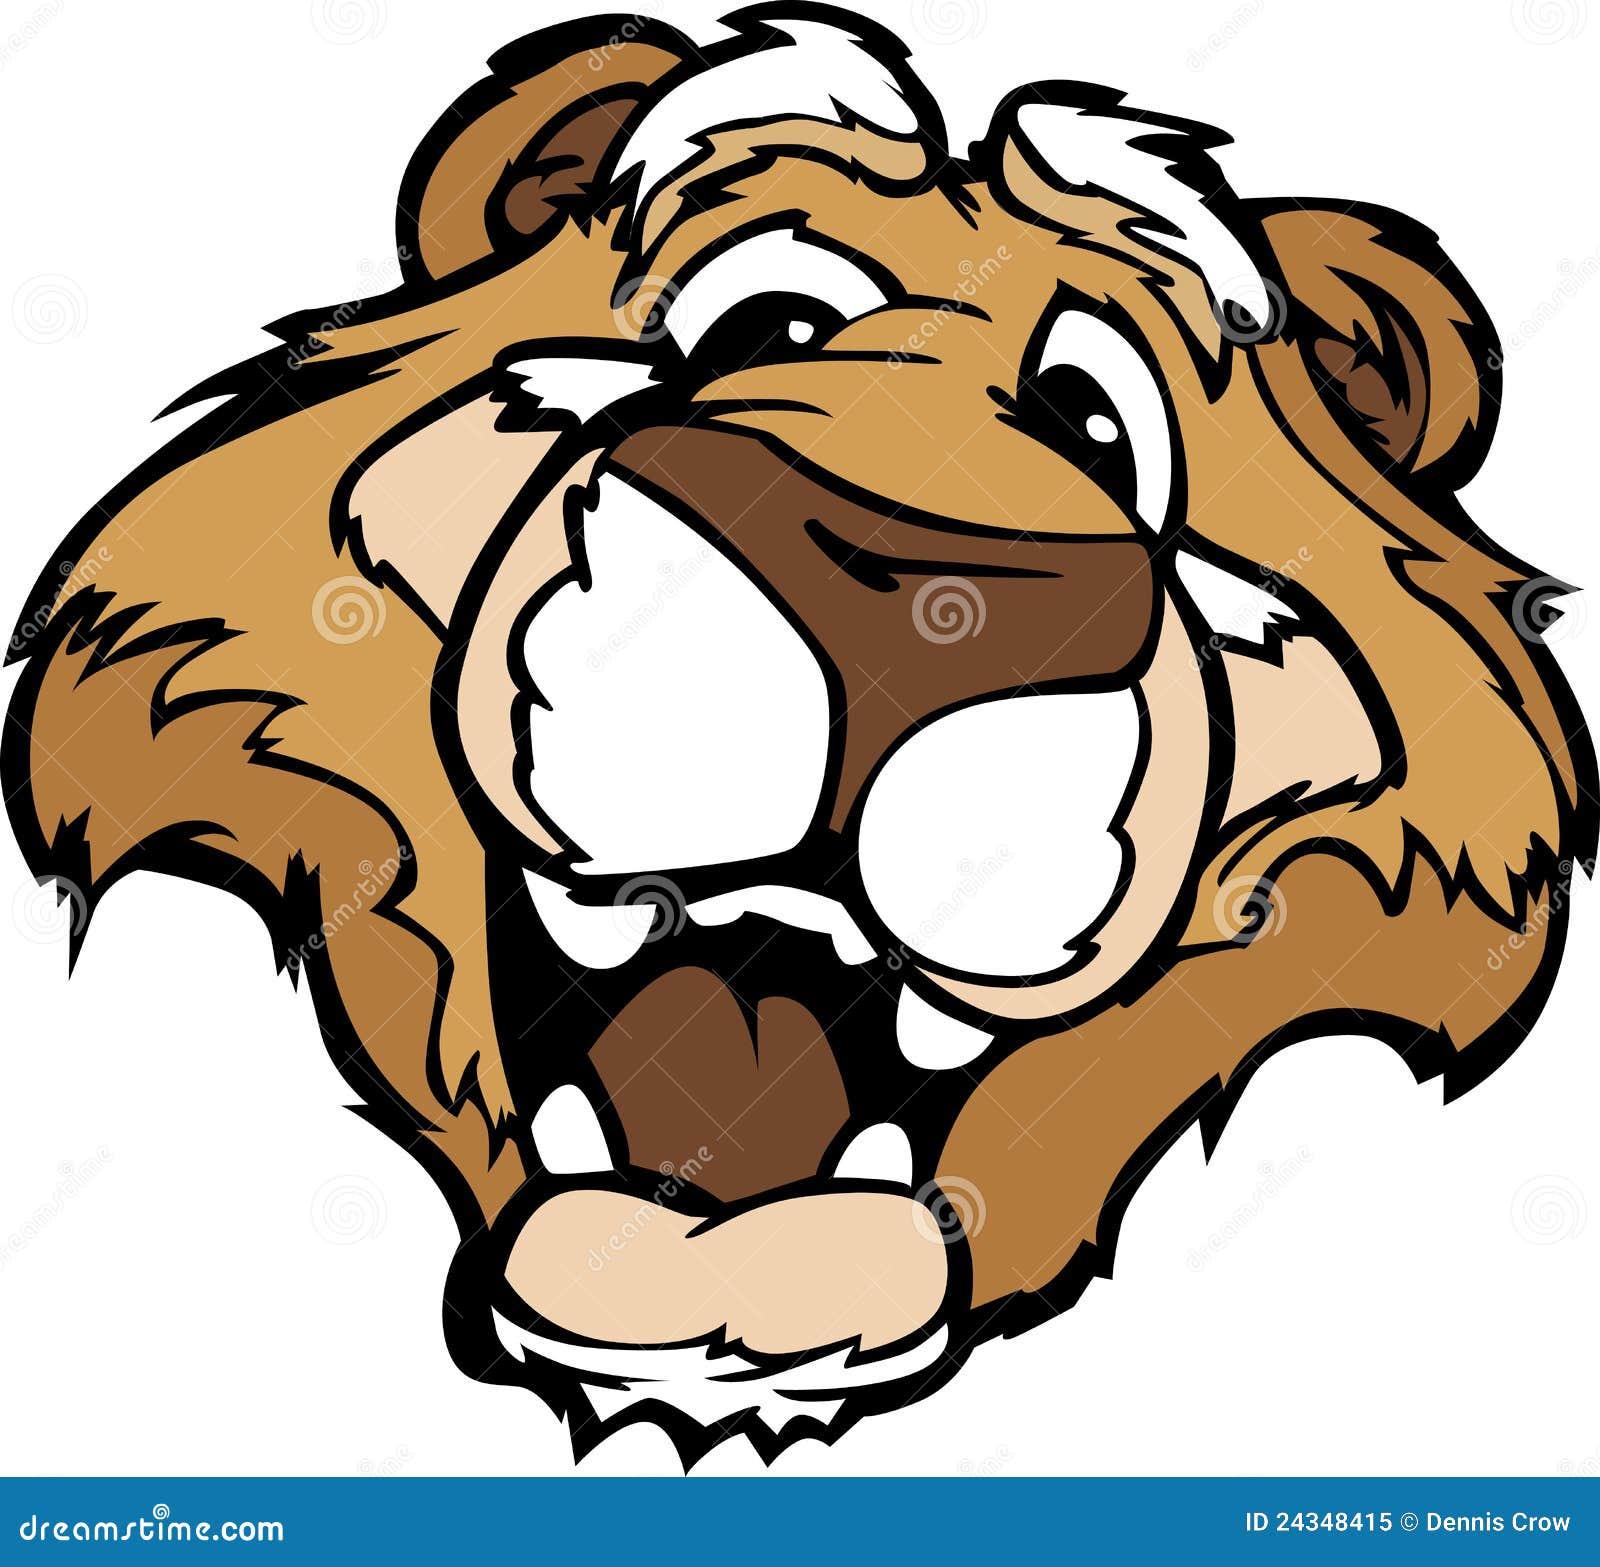 smiling cartoon mountain lion or cougar mascot stock vector rh dreamstime com cartoon mountain lion images mountain lion cartoon drawing